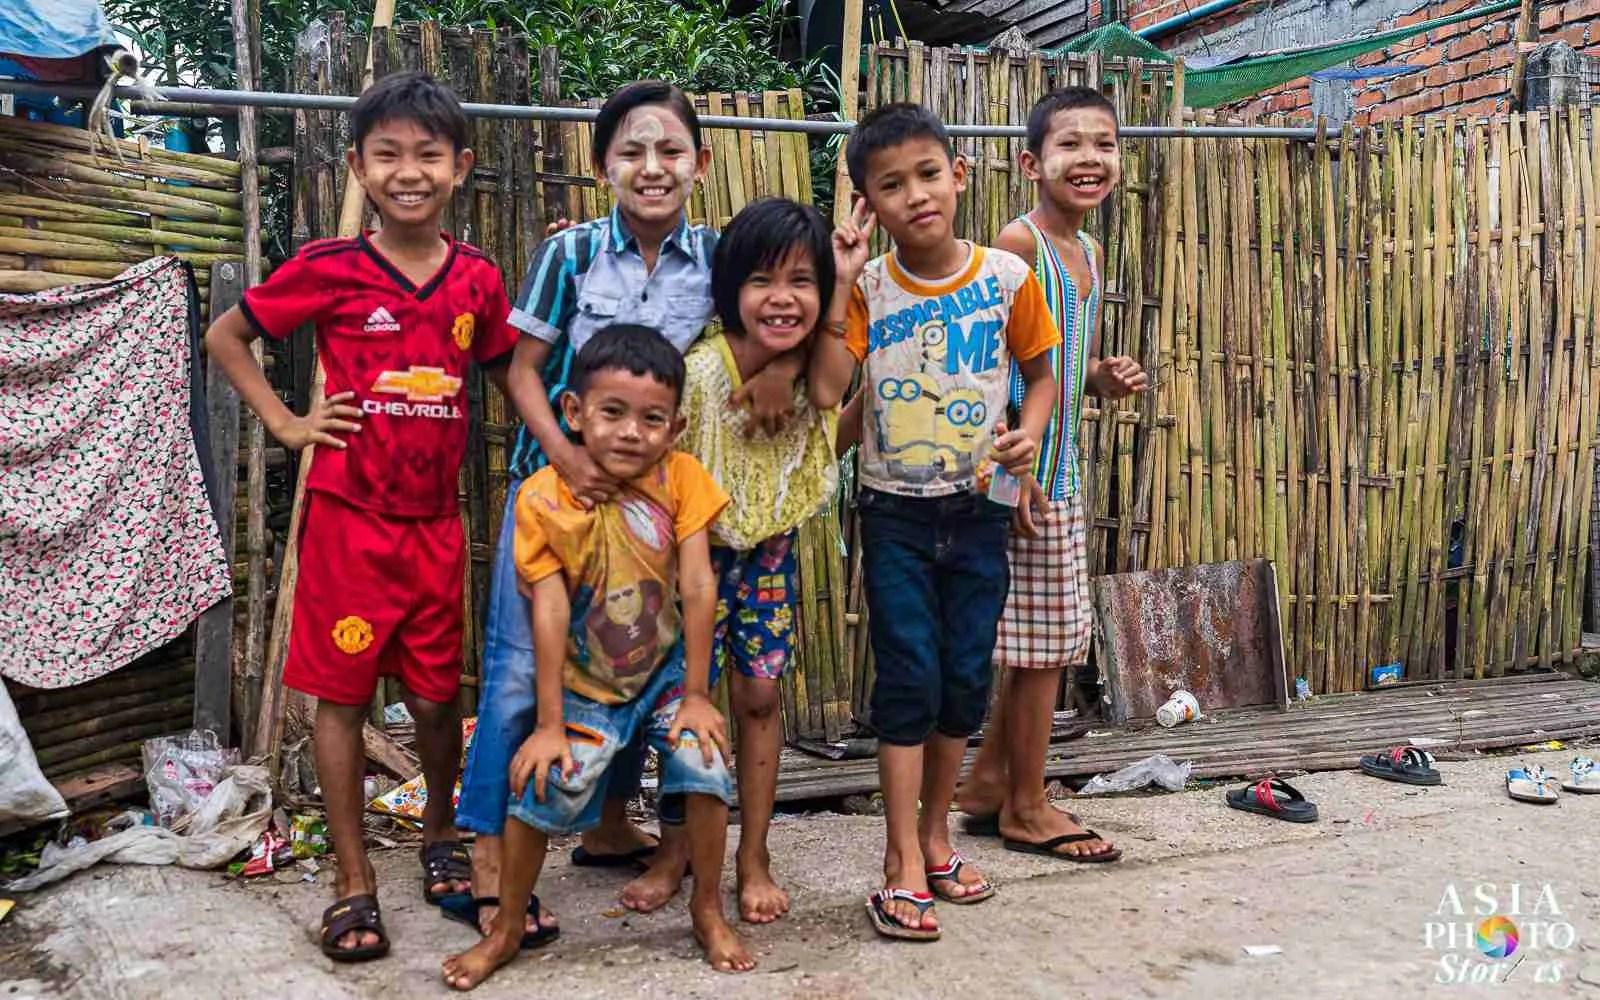 Children pose for the camera at a slum village off the Yangon train line.